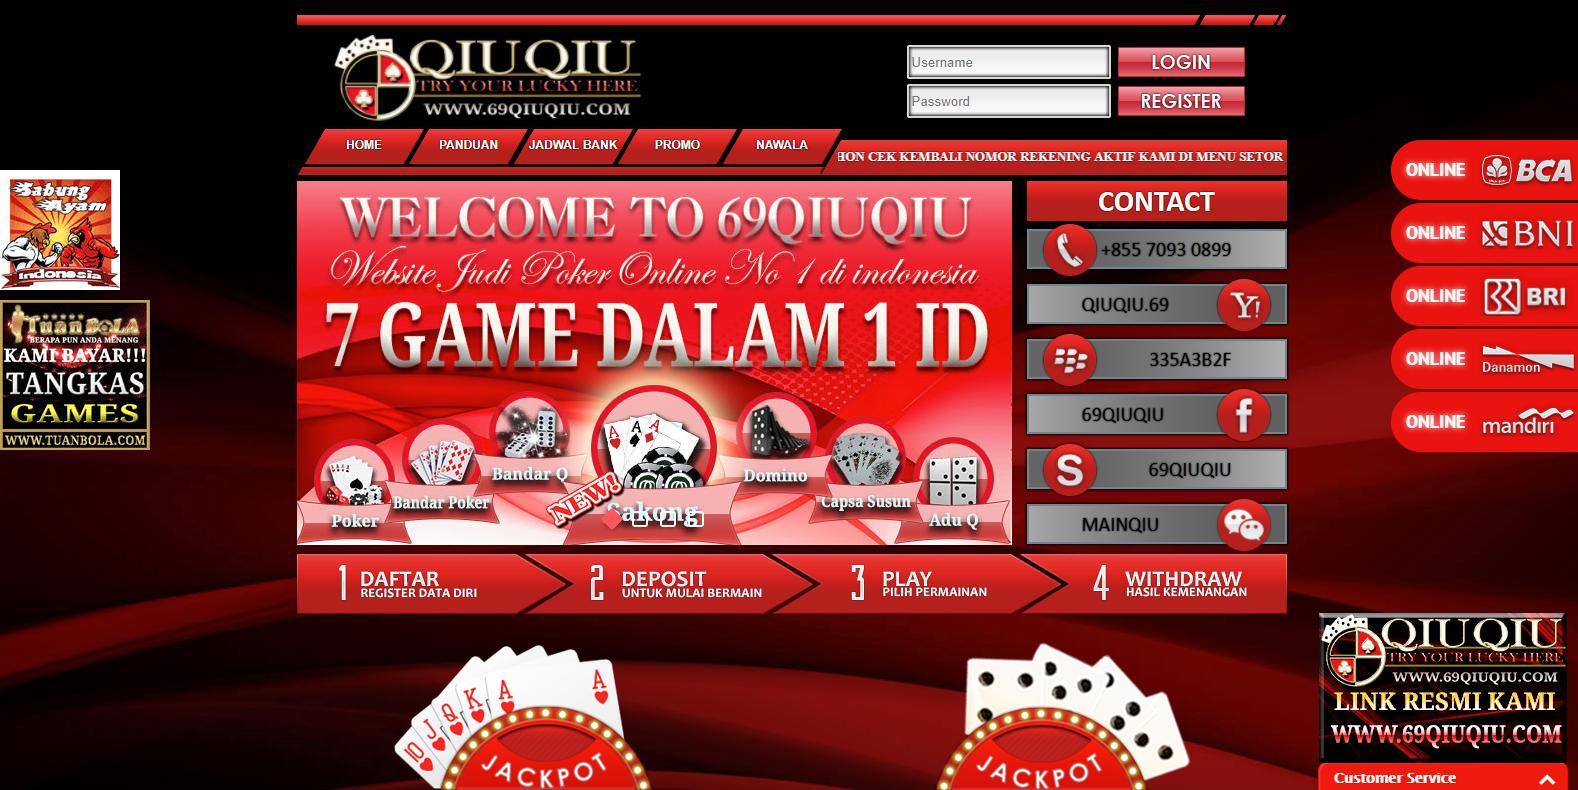 Agenqiuqiu Net Situs Bandar Poker Domino Qiu Qiu Online Terpercaya Di Indonesia Dengan Suport 6 Bank Local Di Indonesia Agenqiuqiu Poker Kartu Permainan Kartu